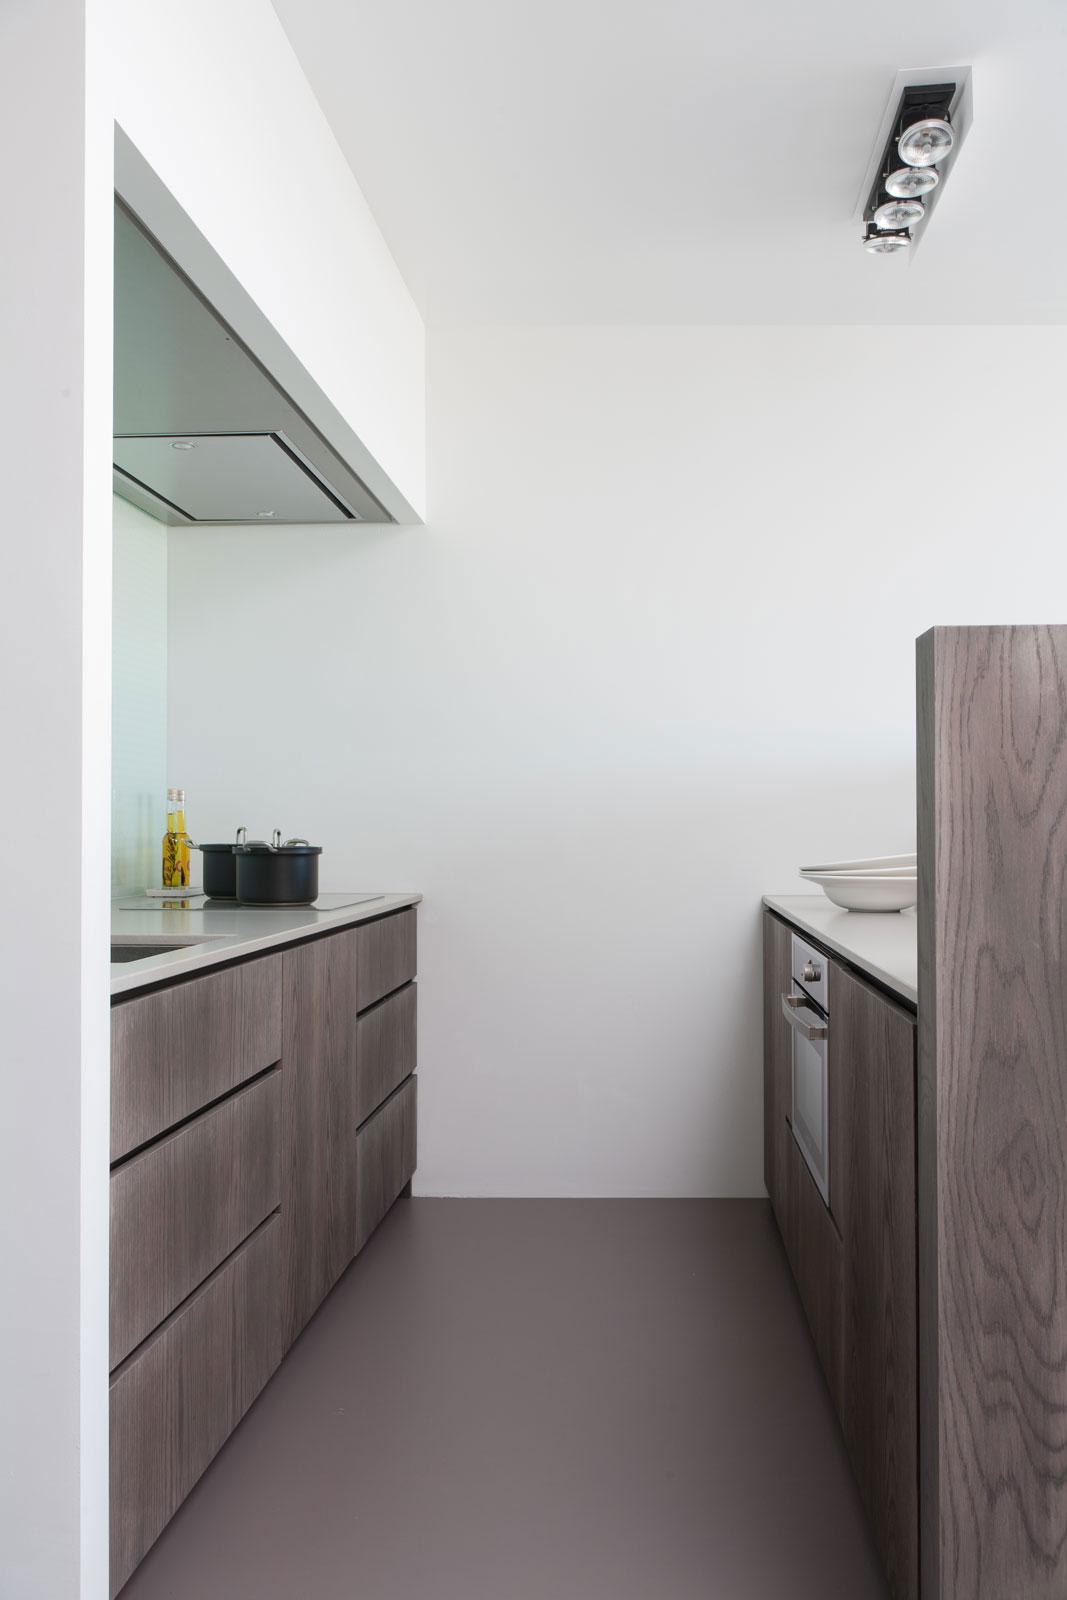 Дизайнерский интерьер небольшой кухни - фото 5